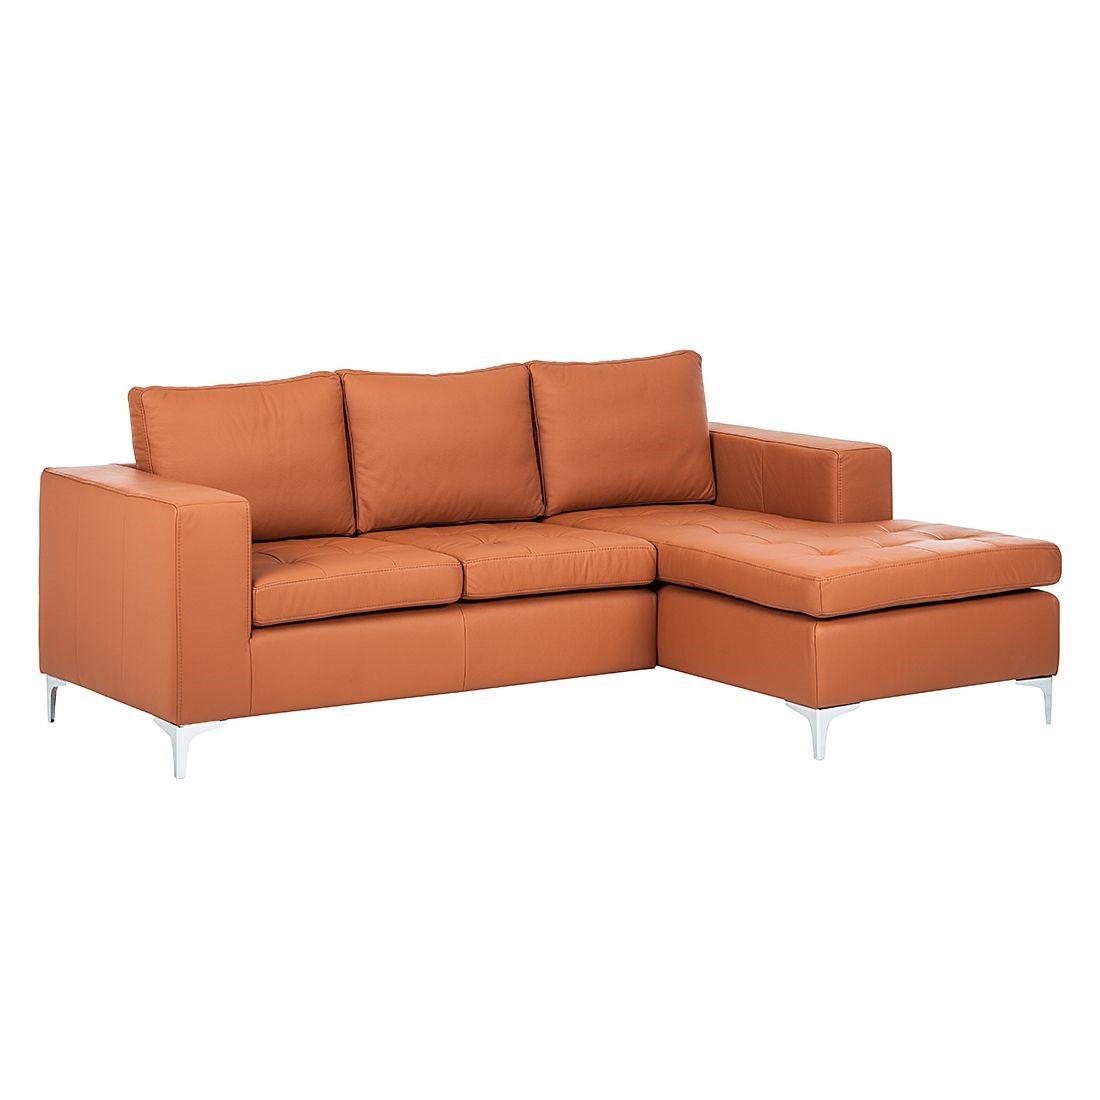 Canapé d'angle Giulia - Cuir véritable - Méridienne à droite (vue de face) - Cognac, loftscape